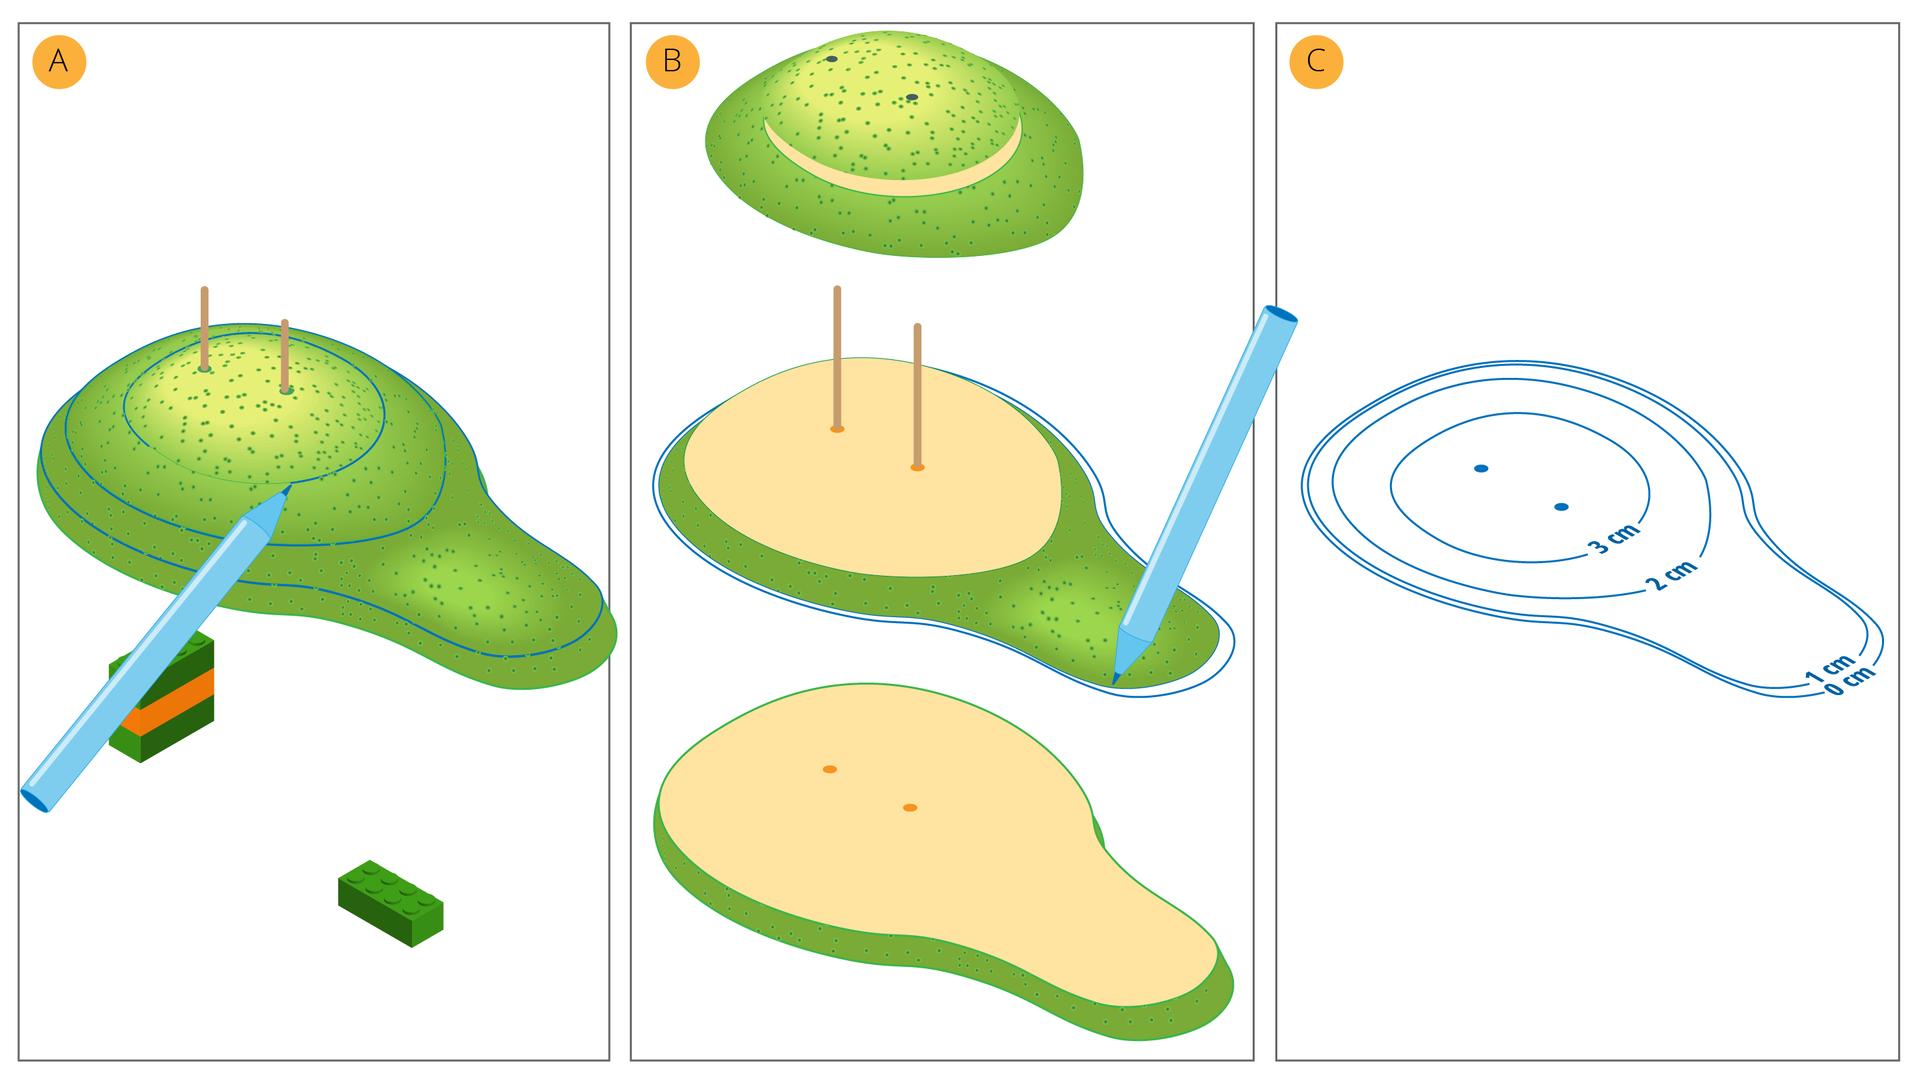 Ilustracja prezentuje kolejne etapy wyznaczania poziomic na modelu.